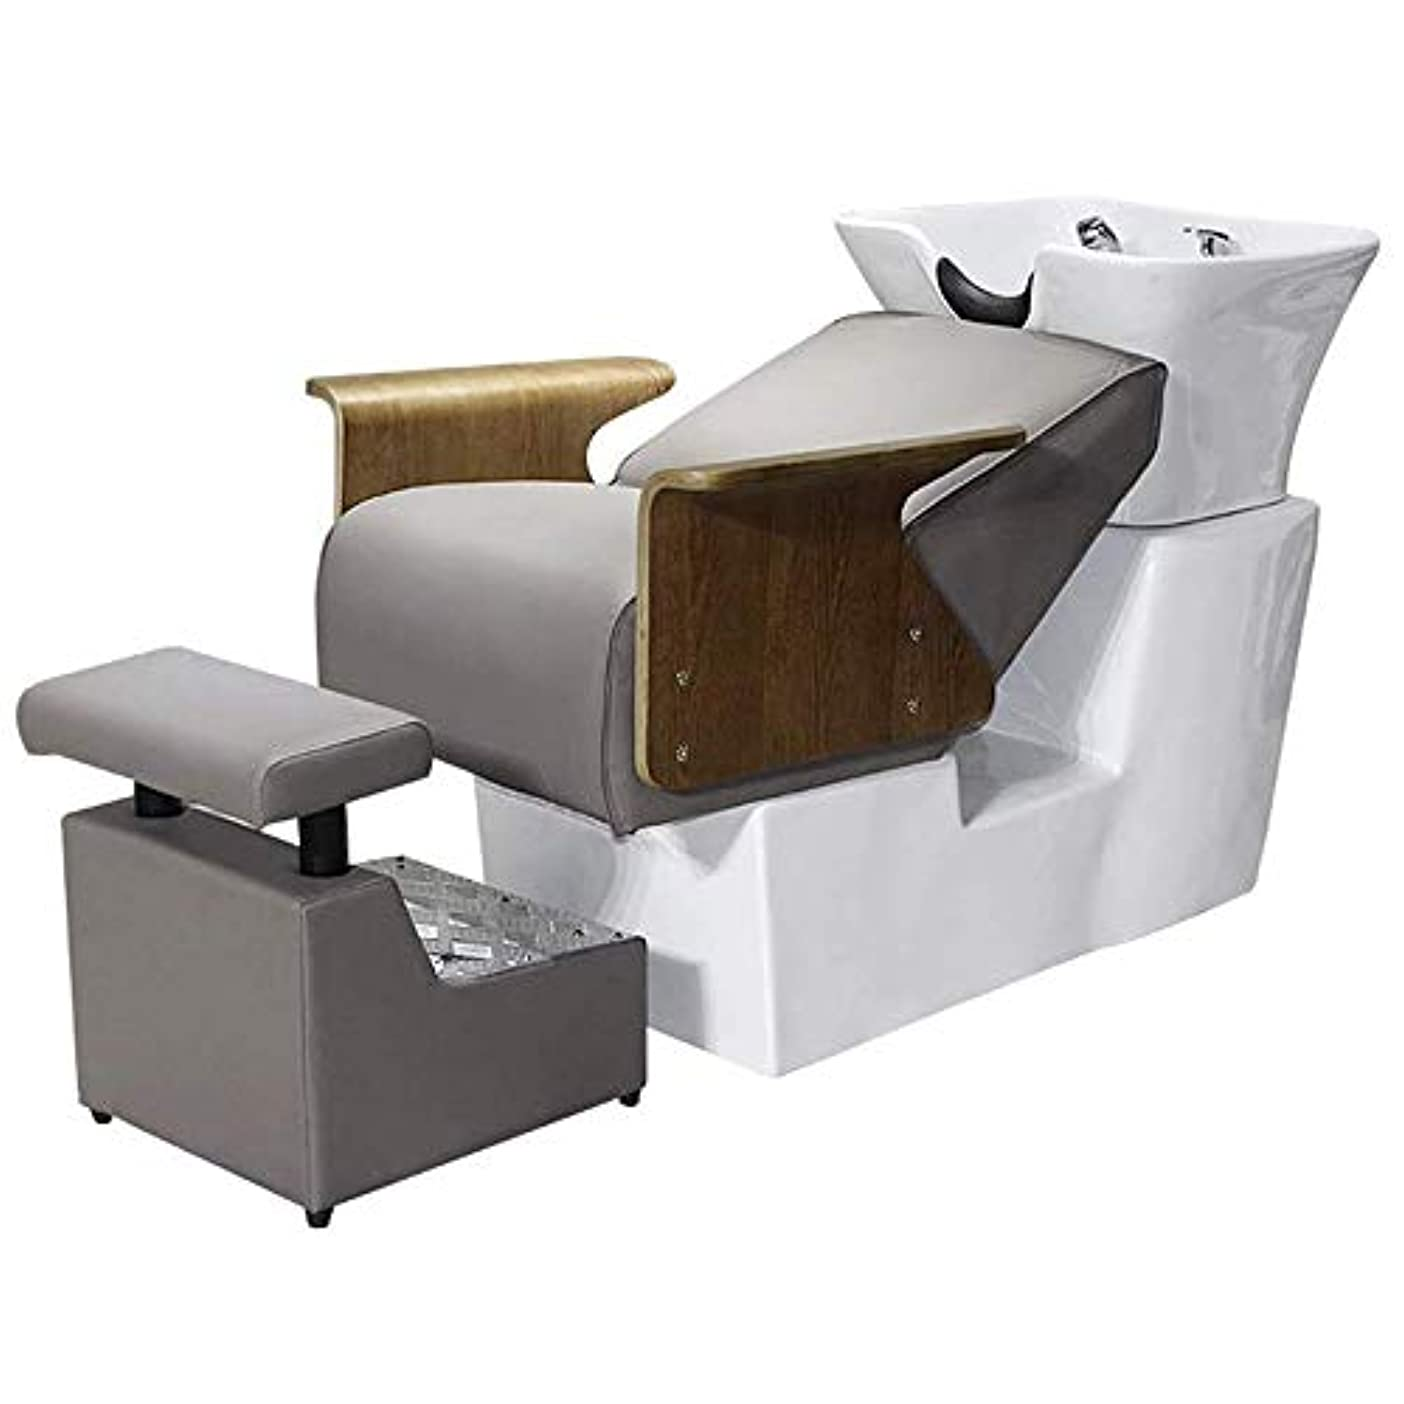 宣教師ユーザー売り手サロン用シャンプー椅子とボウル、 セラミック洗面器シャンプーベッド逆洗ユニットシャンプーボウル理髪シンク椅子用スパビューティーサロン機器